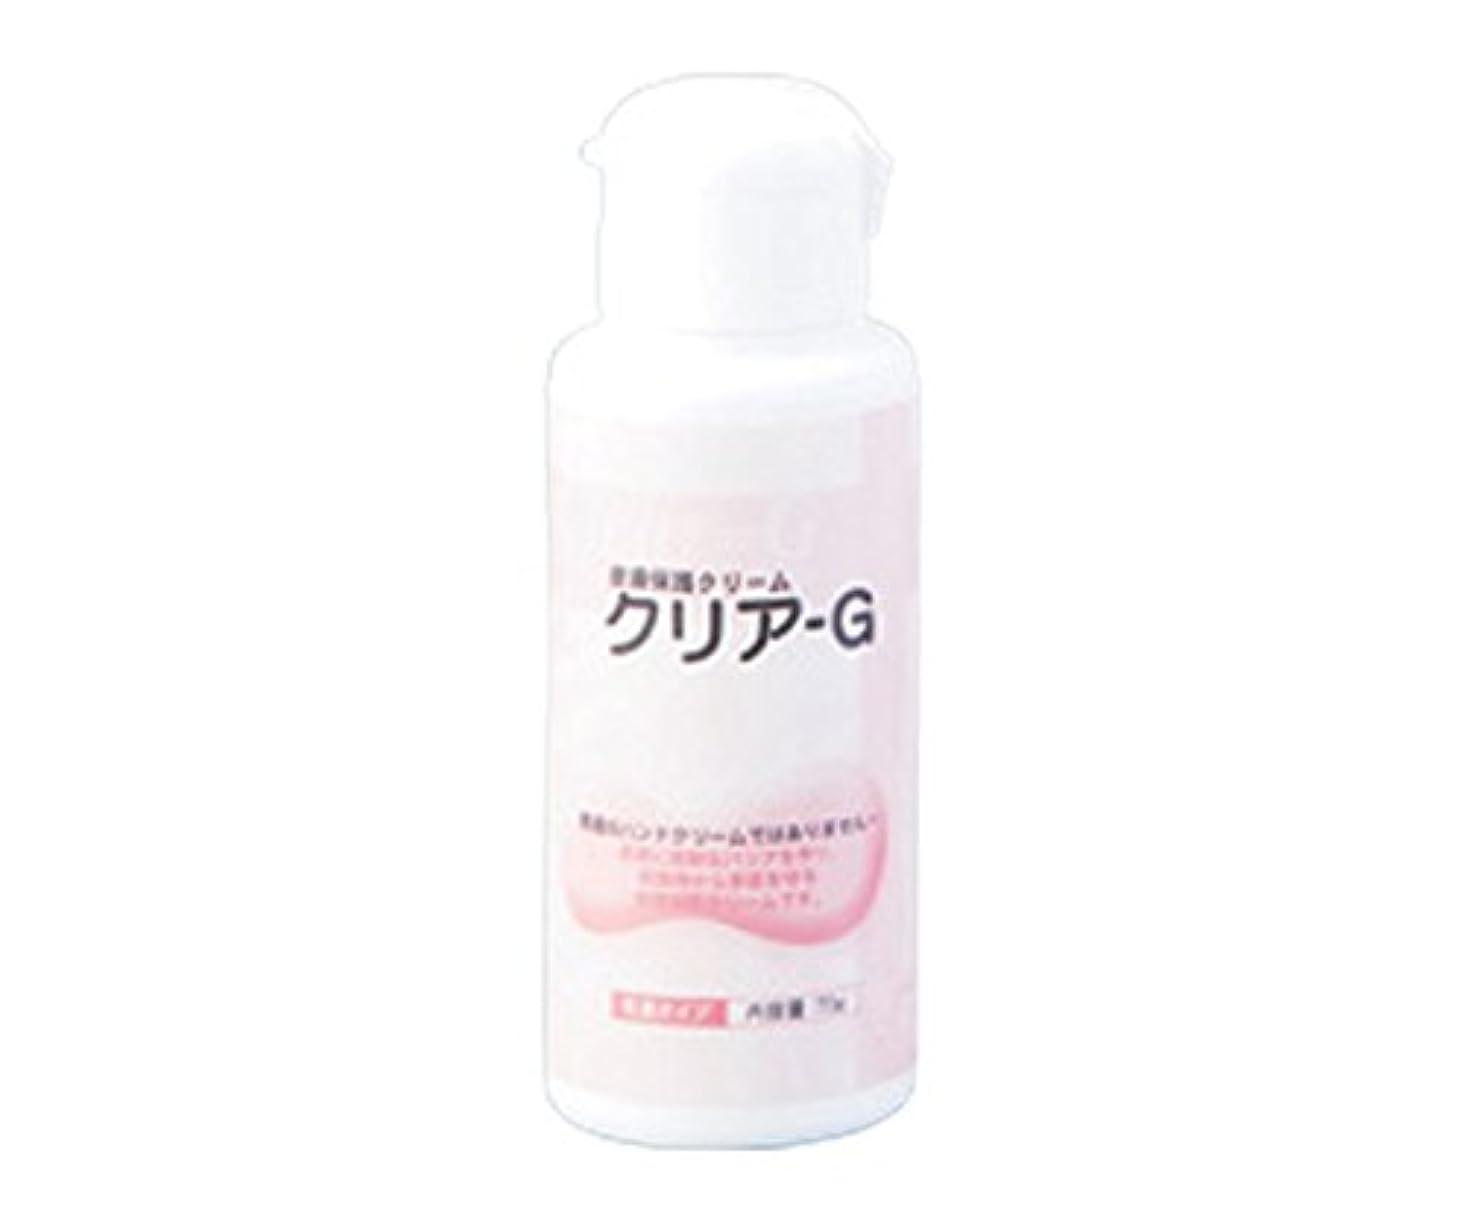 馬鹿げた存在する会議皮膚保護クリーム(クリア-G) 70g